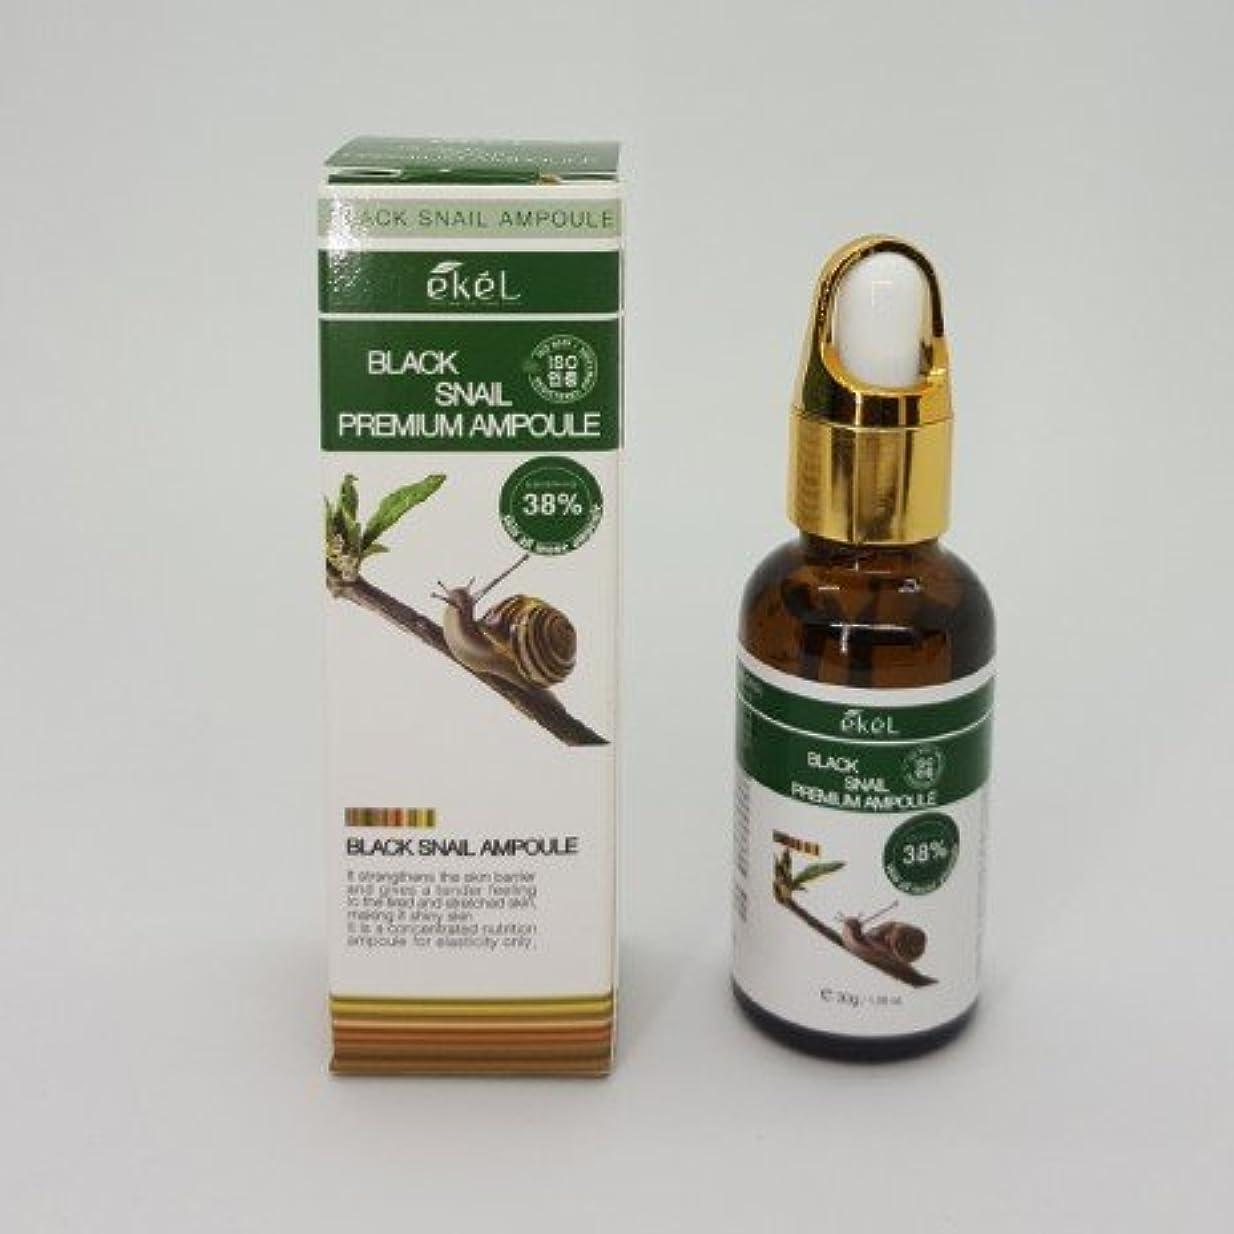 赤ちゃん強化する重要な役割を果たす、中心的な手段となる[EKEL] Black Snail Premium Ampoule 38% - 30g